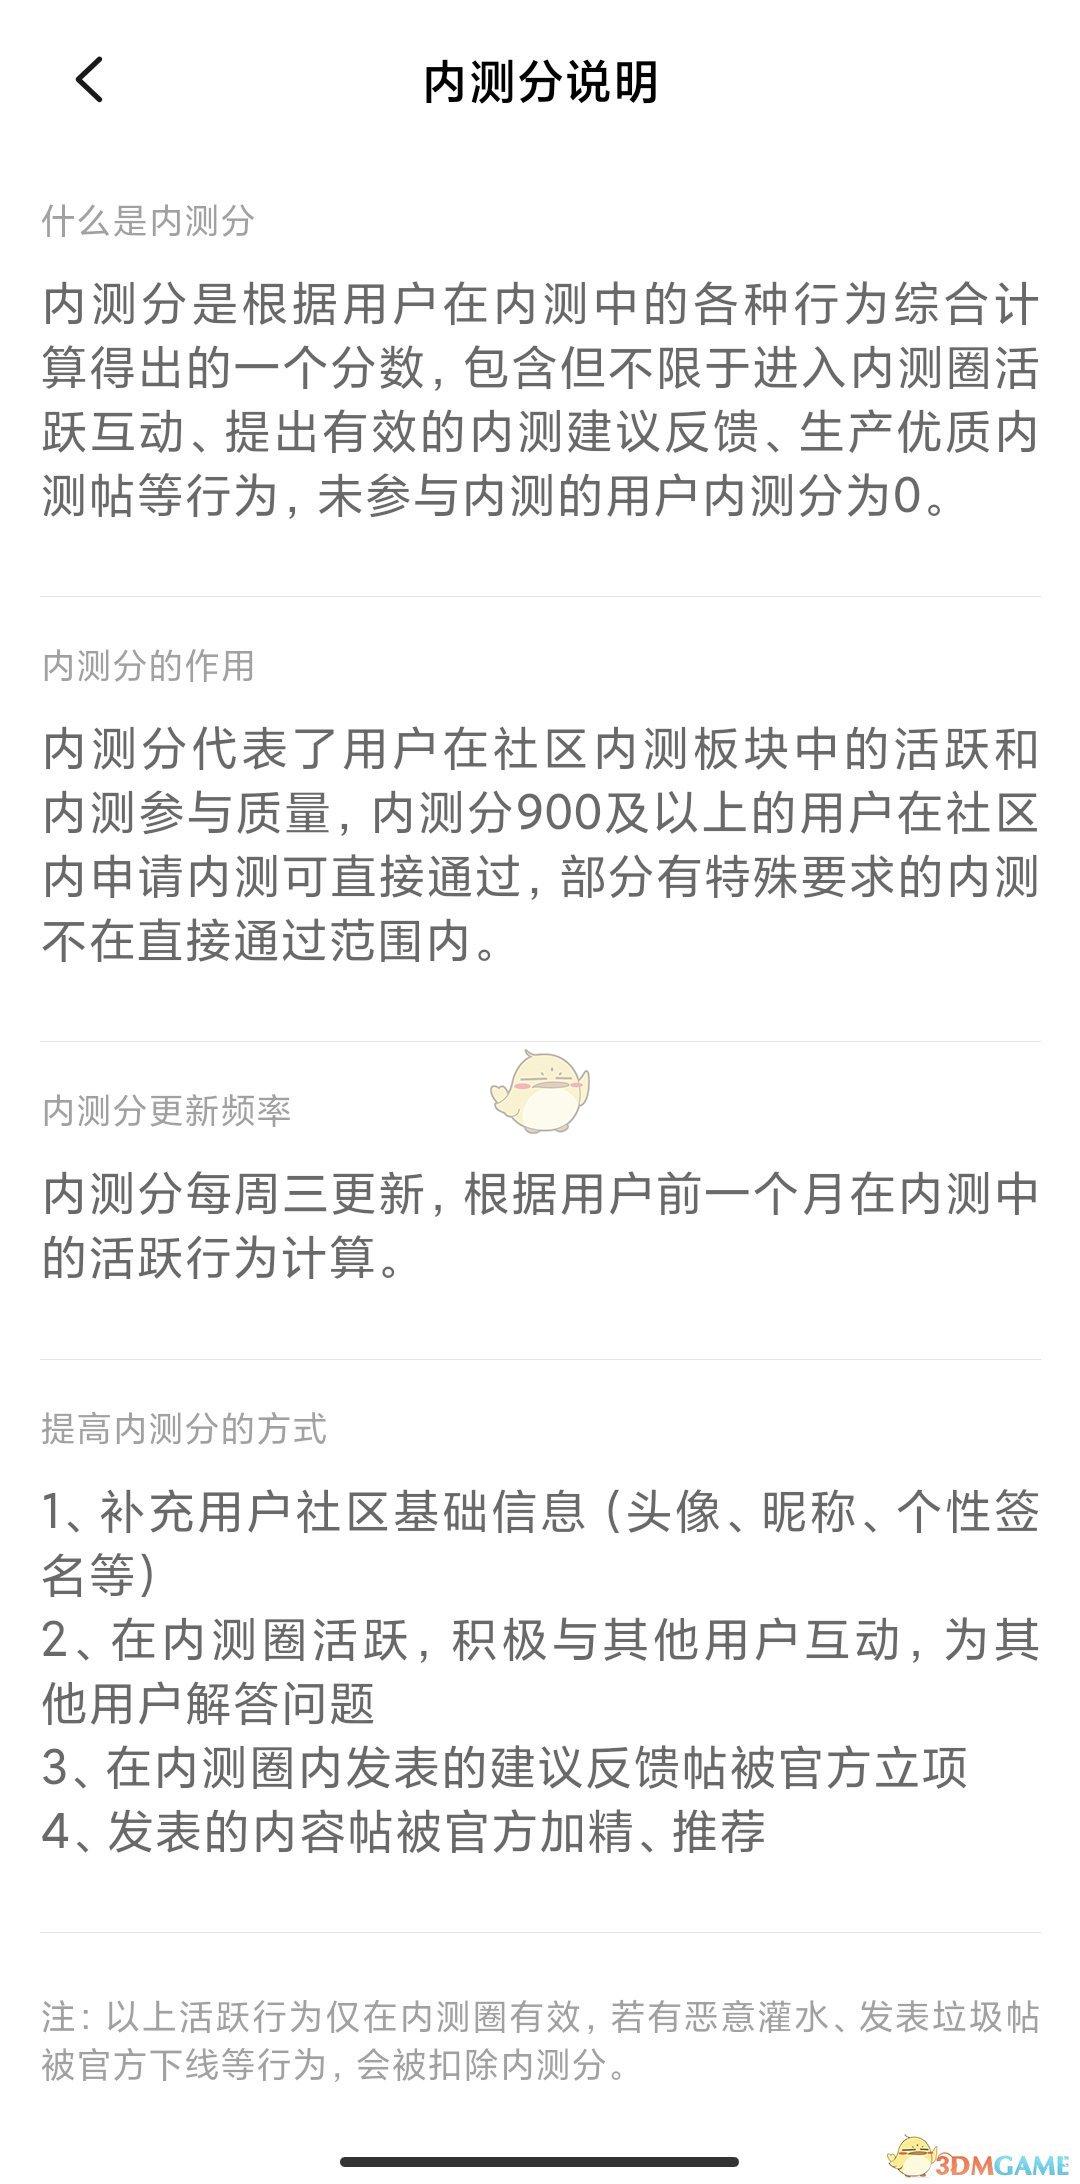 《小米社区》内测分作用介绍